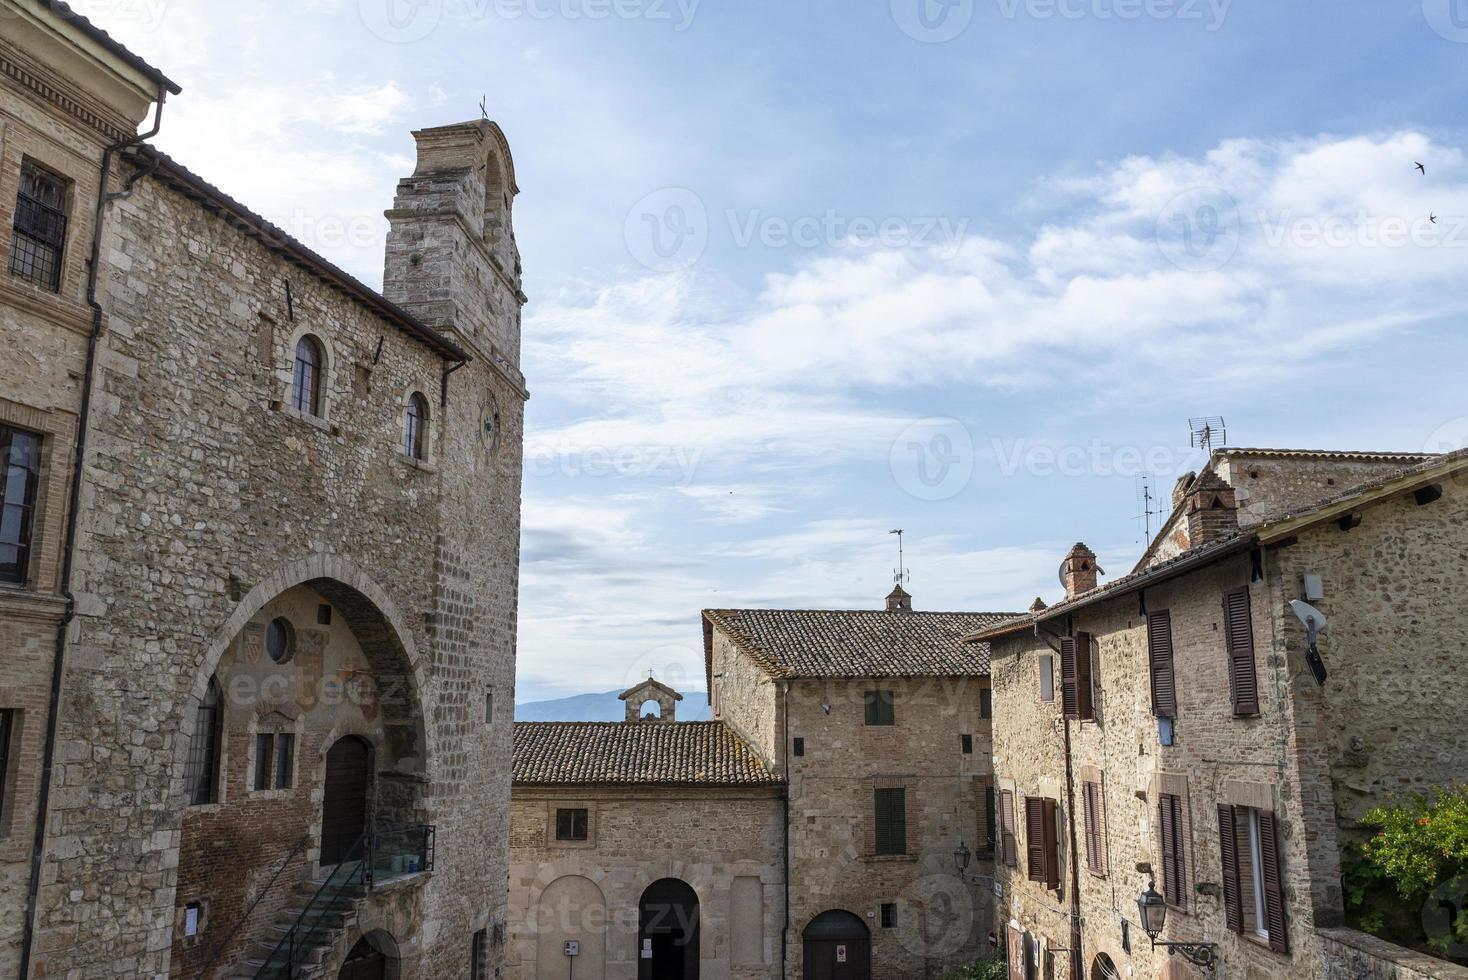 edificios en la ciudad de san gemini, italia, 2020 foto